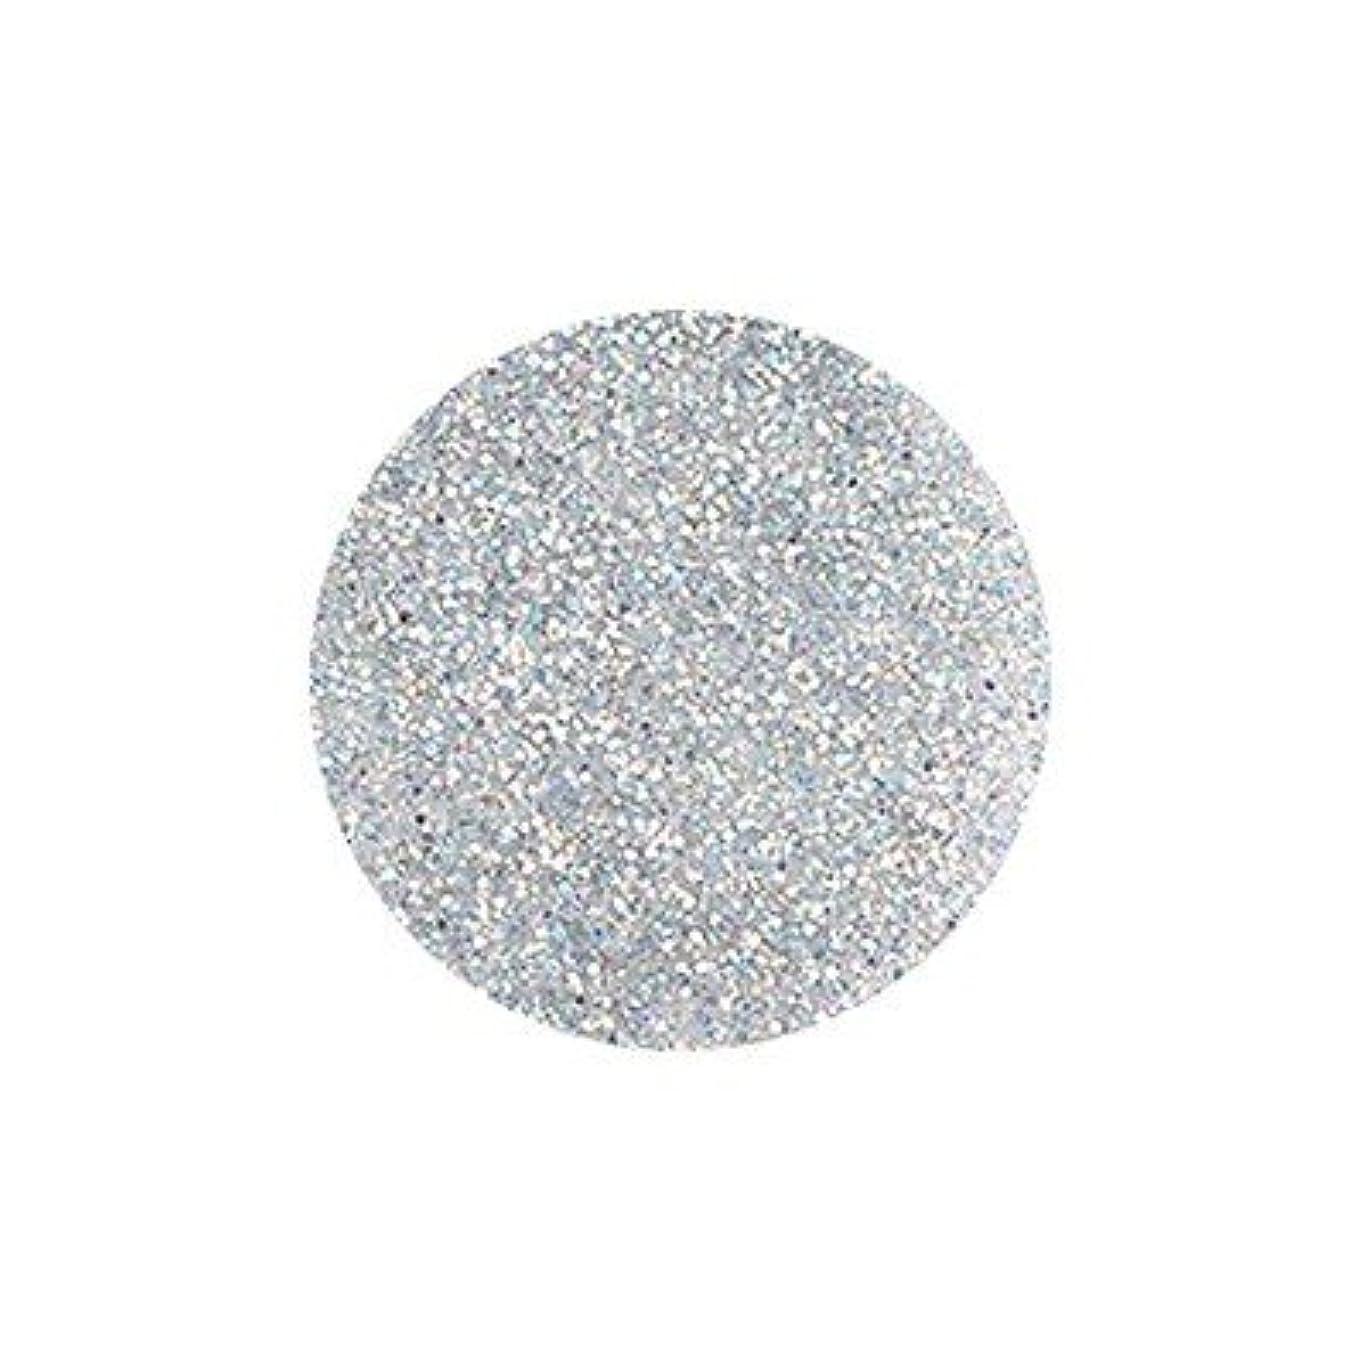 鷹事件、出来事耕すFANTASY NAIL ダイヤモンドコレクション 3g 4264XS カラーパウダー アート材